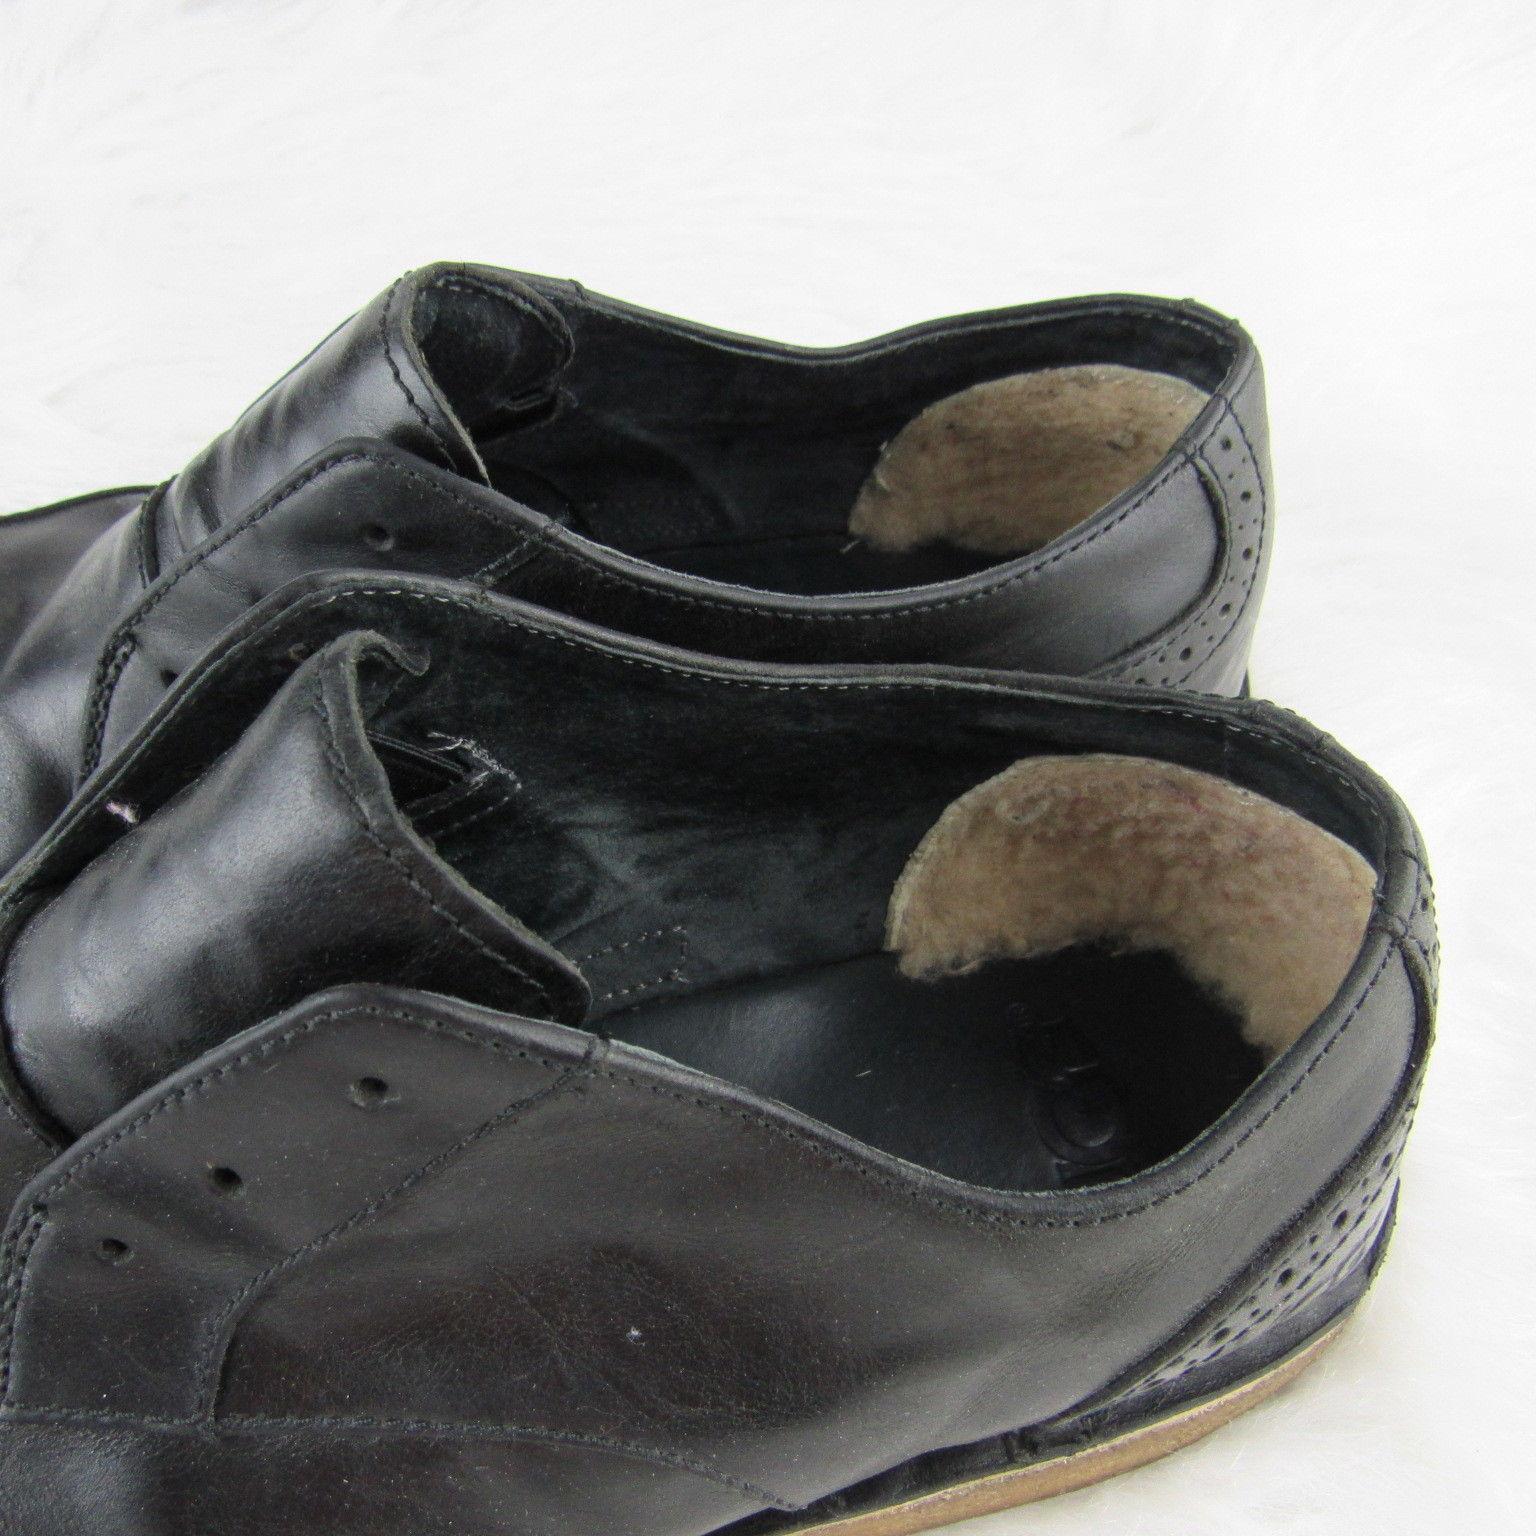 0df46d239af UGG Men's Oxfords Dress Shoes Wingtip Formal and 50 similar items